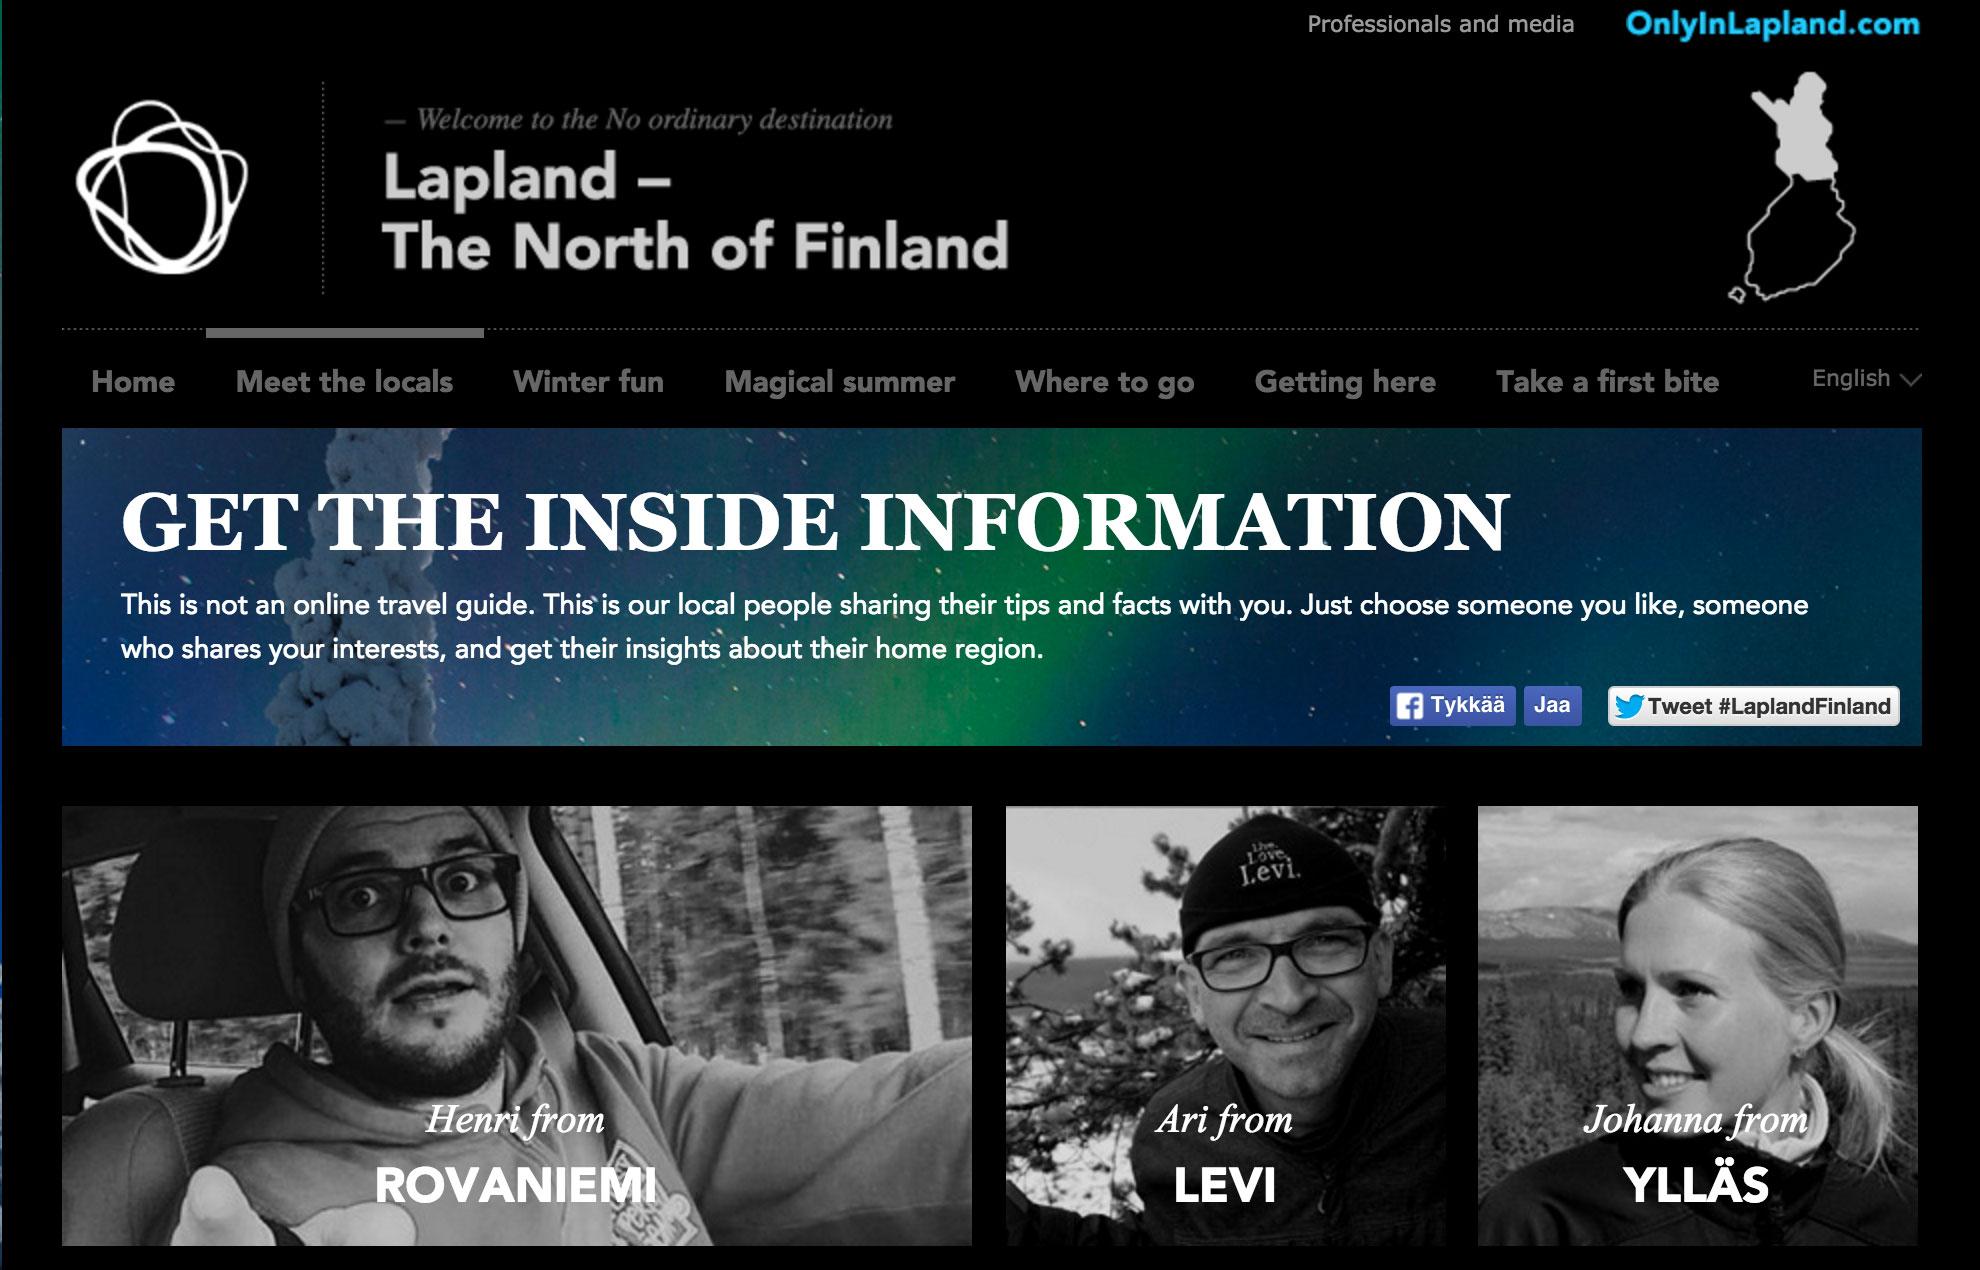 nlyinlapland_destinationmarketing